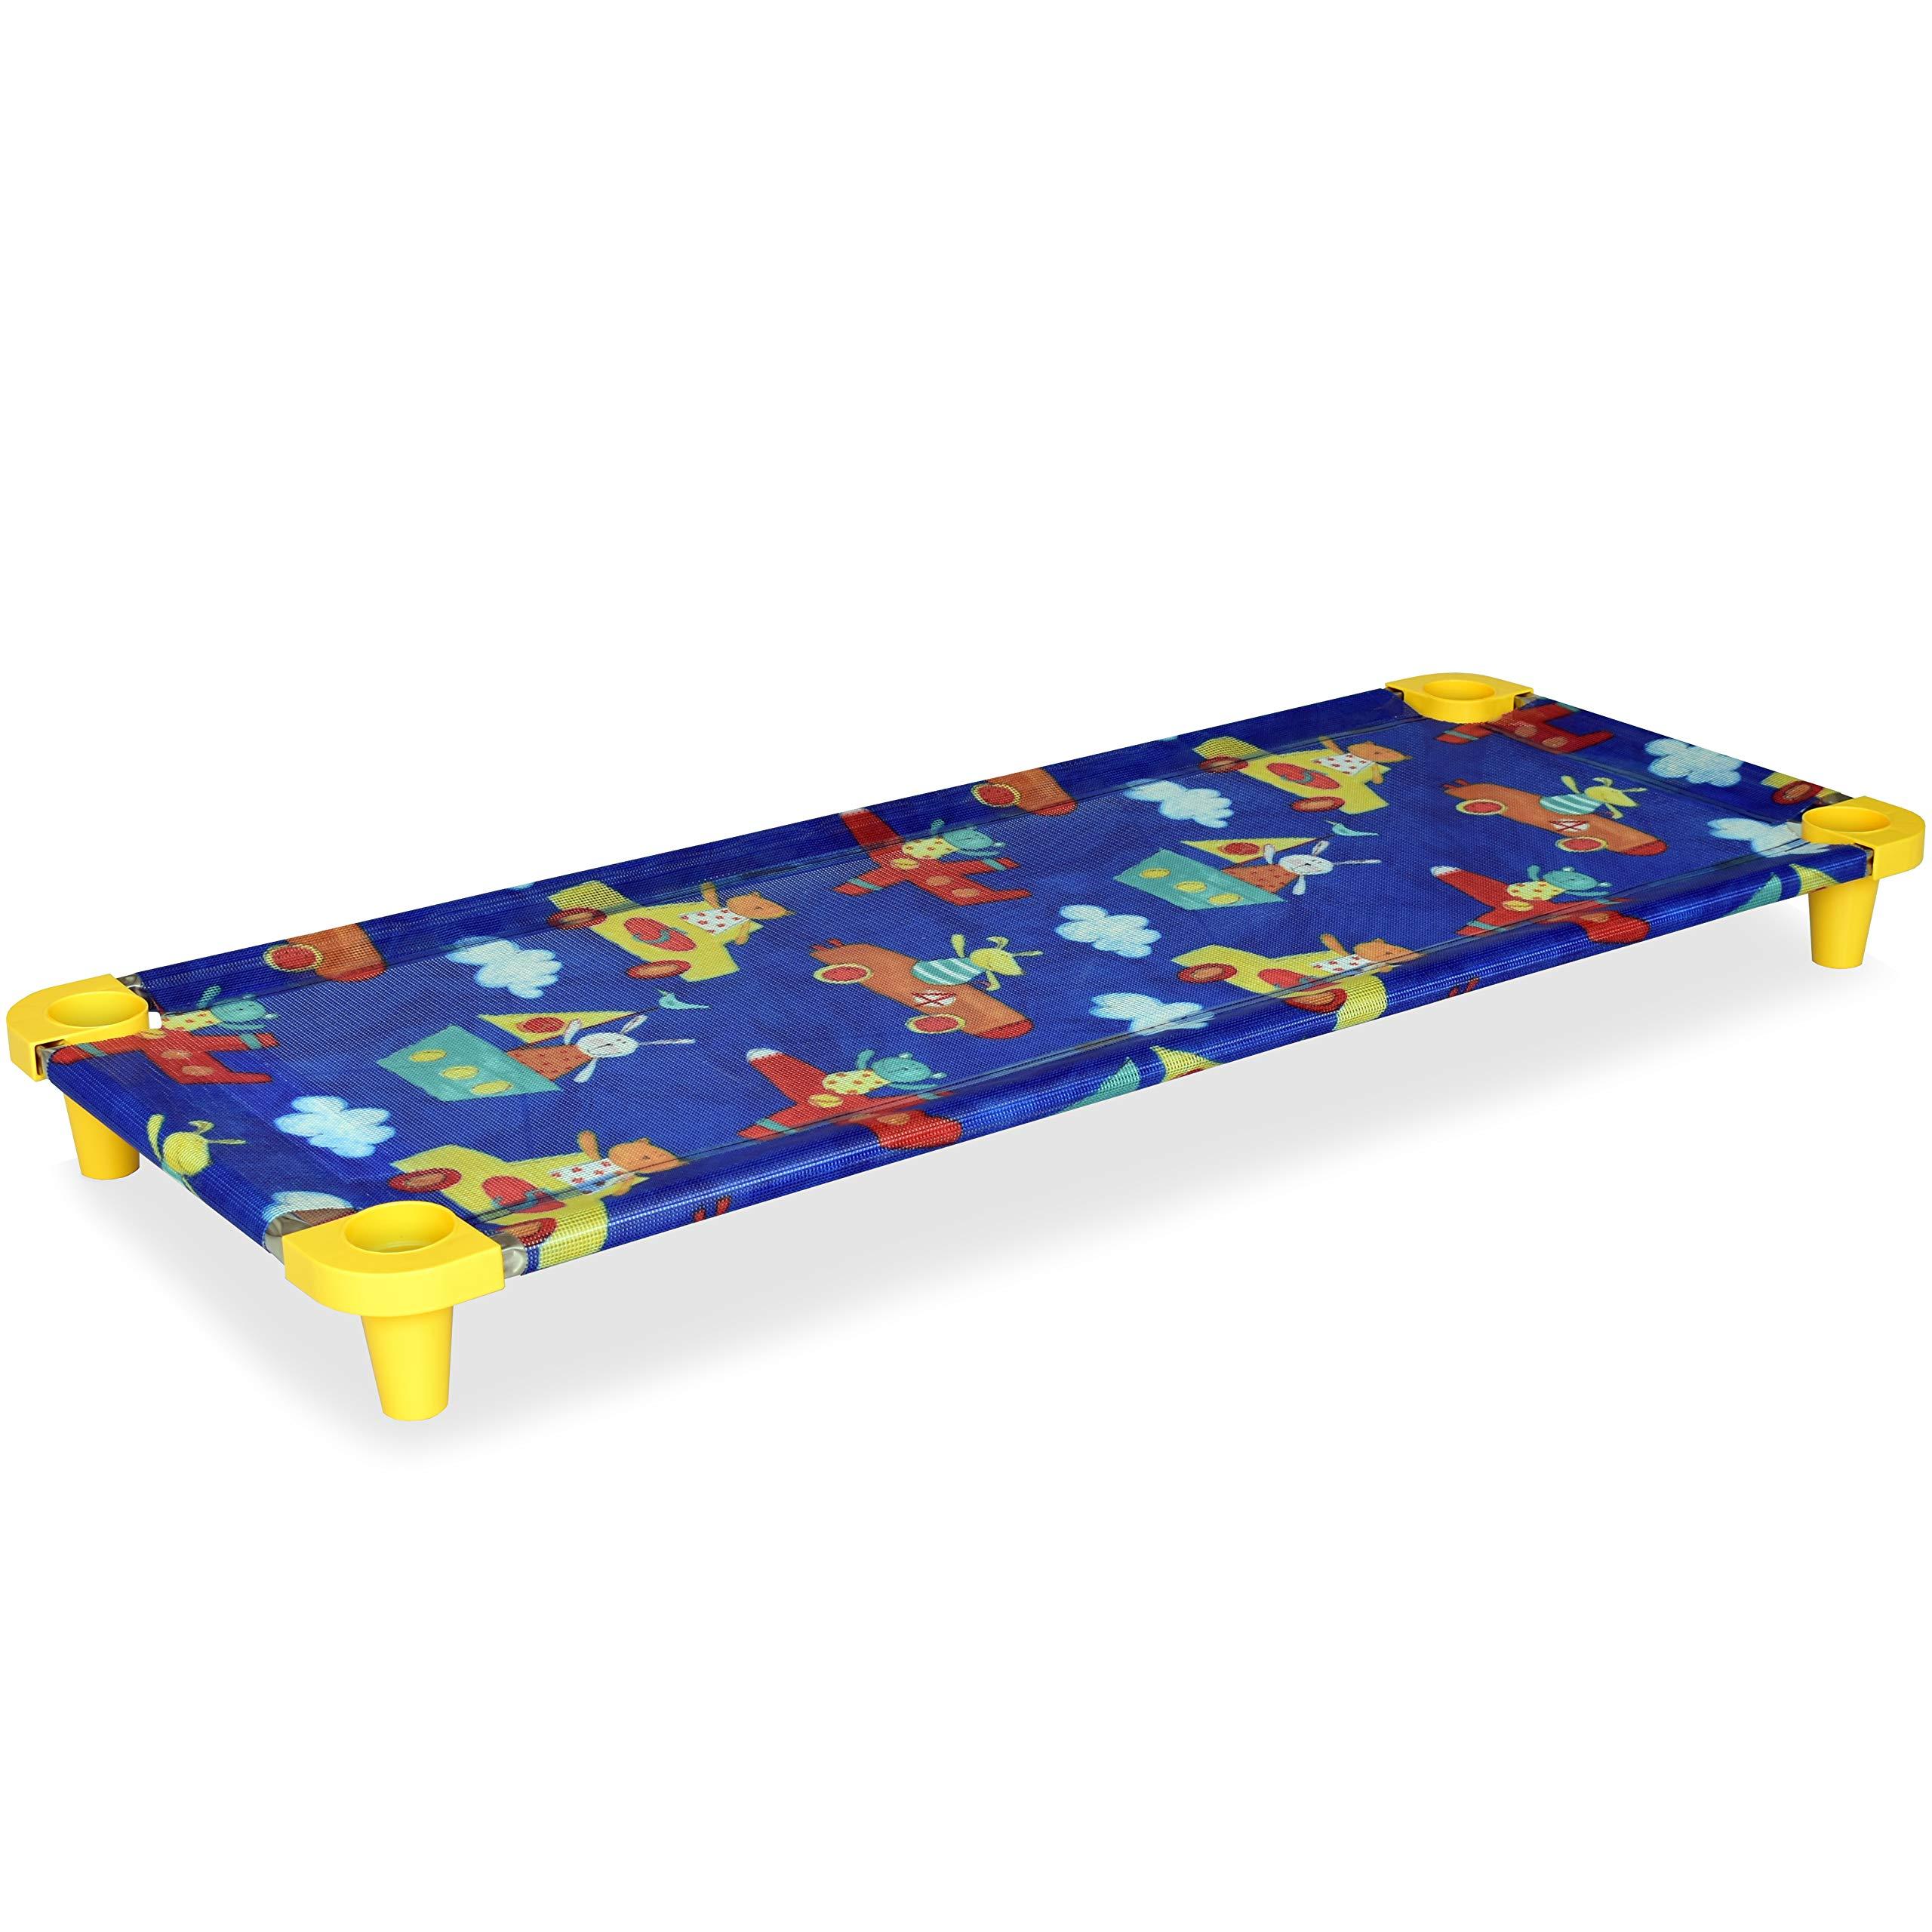 Acrimet Premium Stackable Nap Cot (Stainless Steel Tubes) (Blue Kids Pattern Design) (1 Unit) by Acrimet